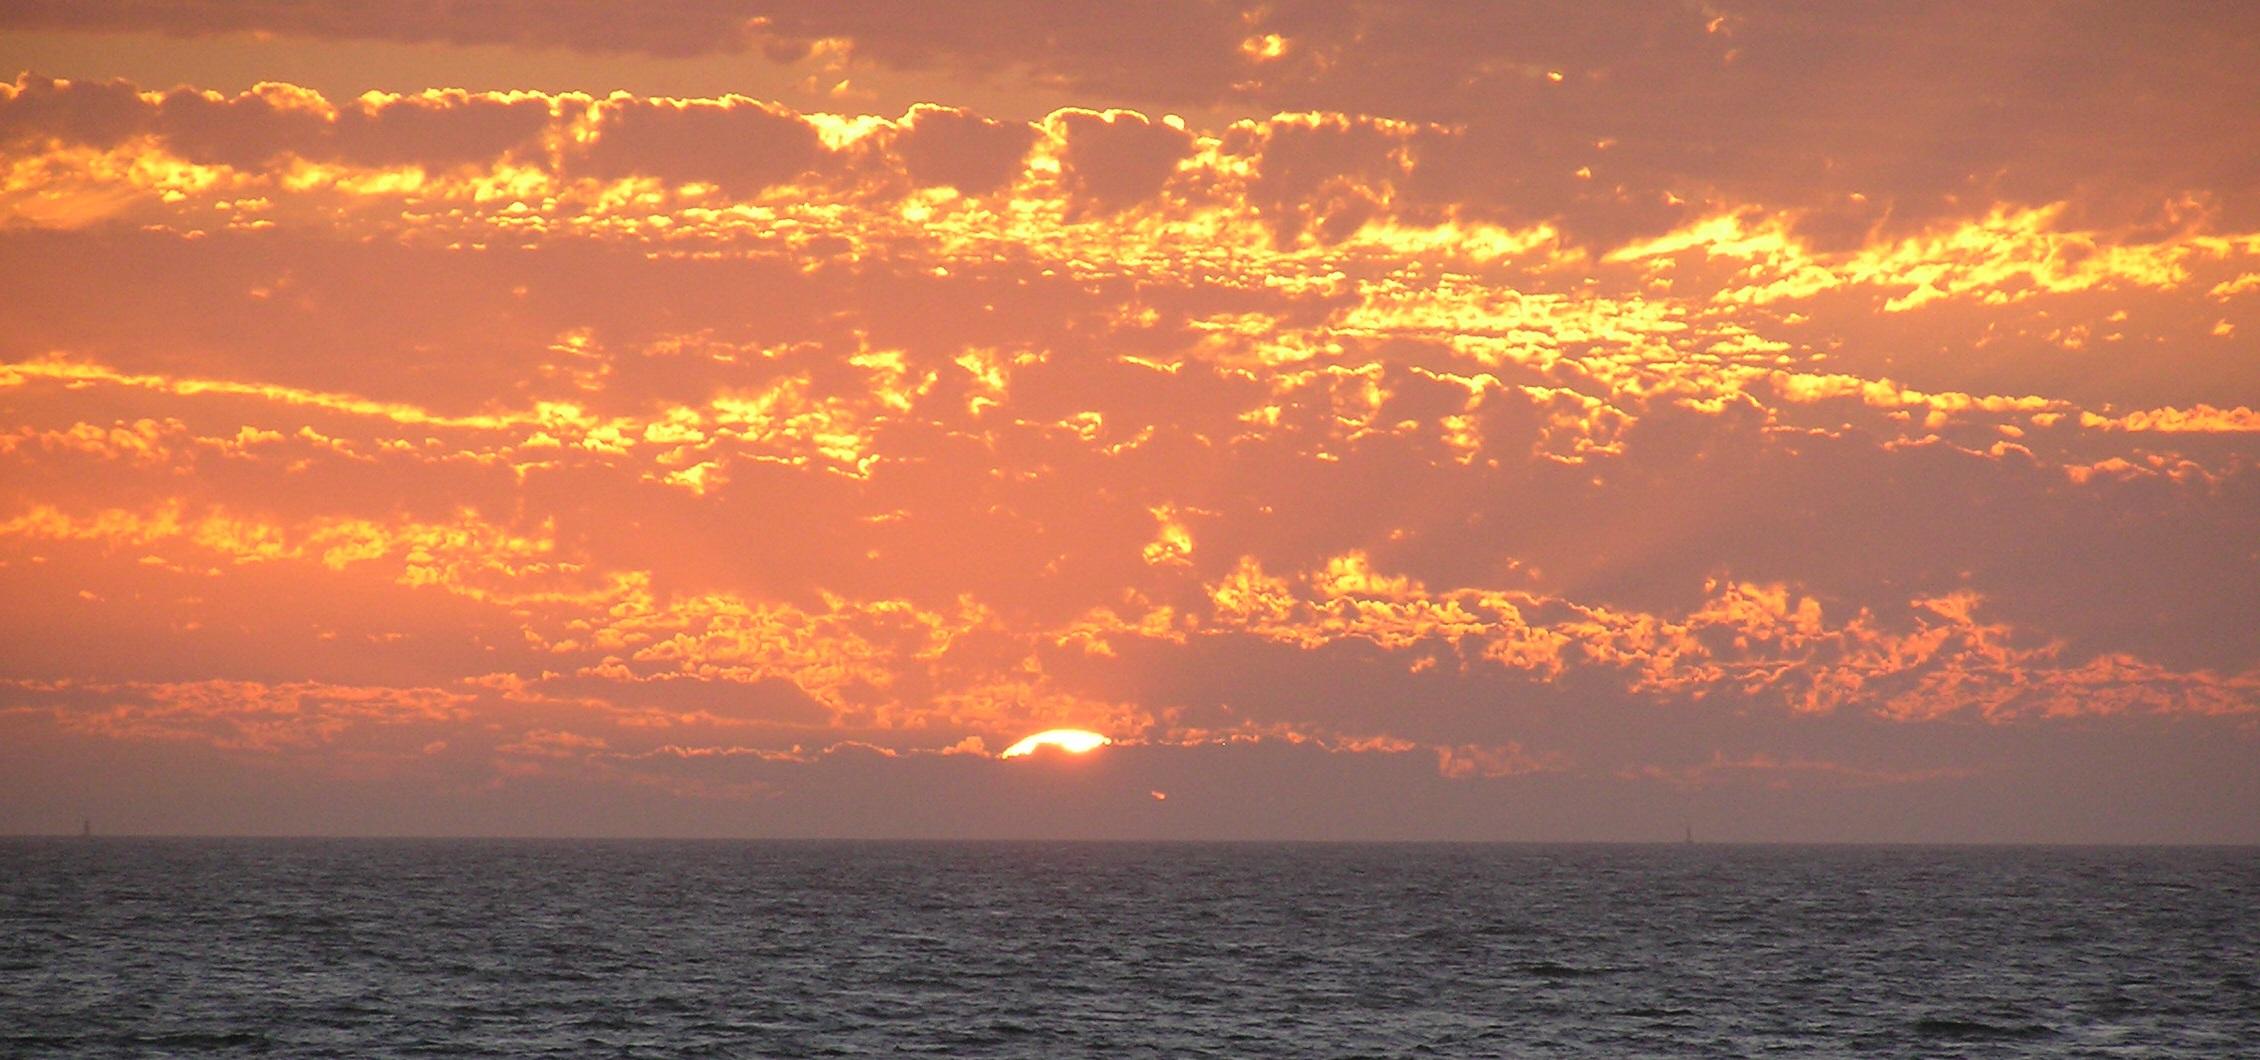 821f65bb2d sea coast ocean horizon cloud sky sun sunrise sunset dawn dusk evening  orange seascape australia clouds